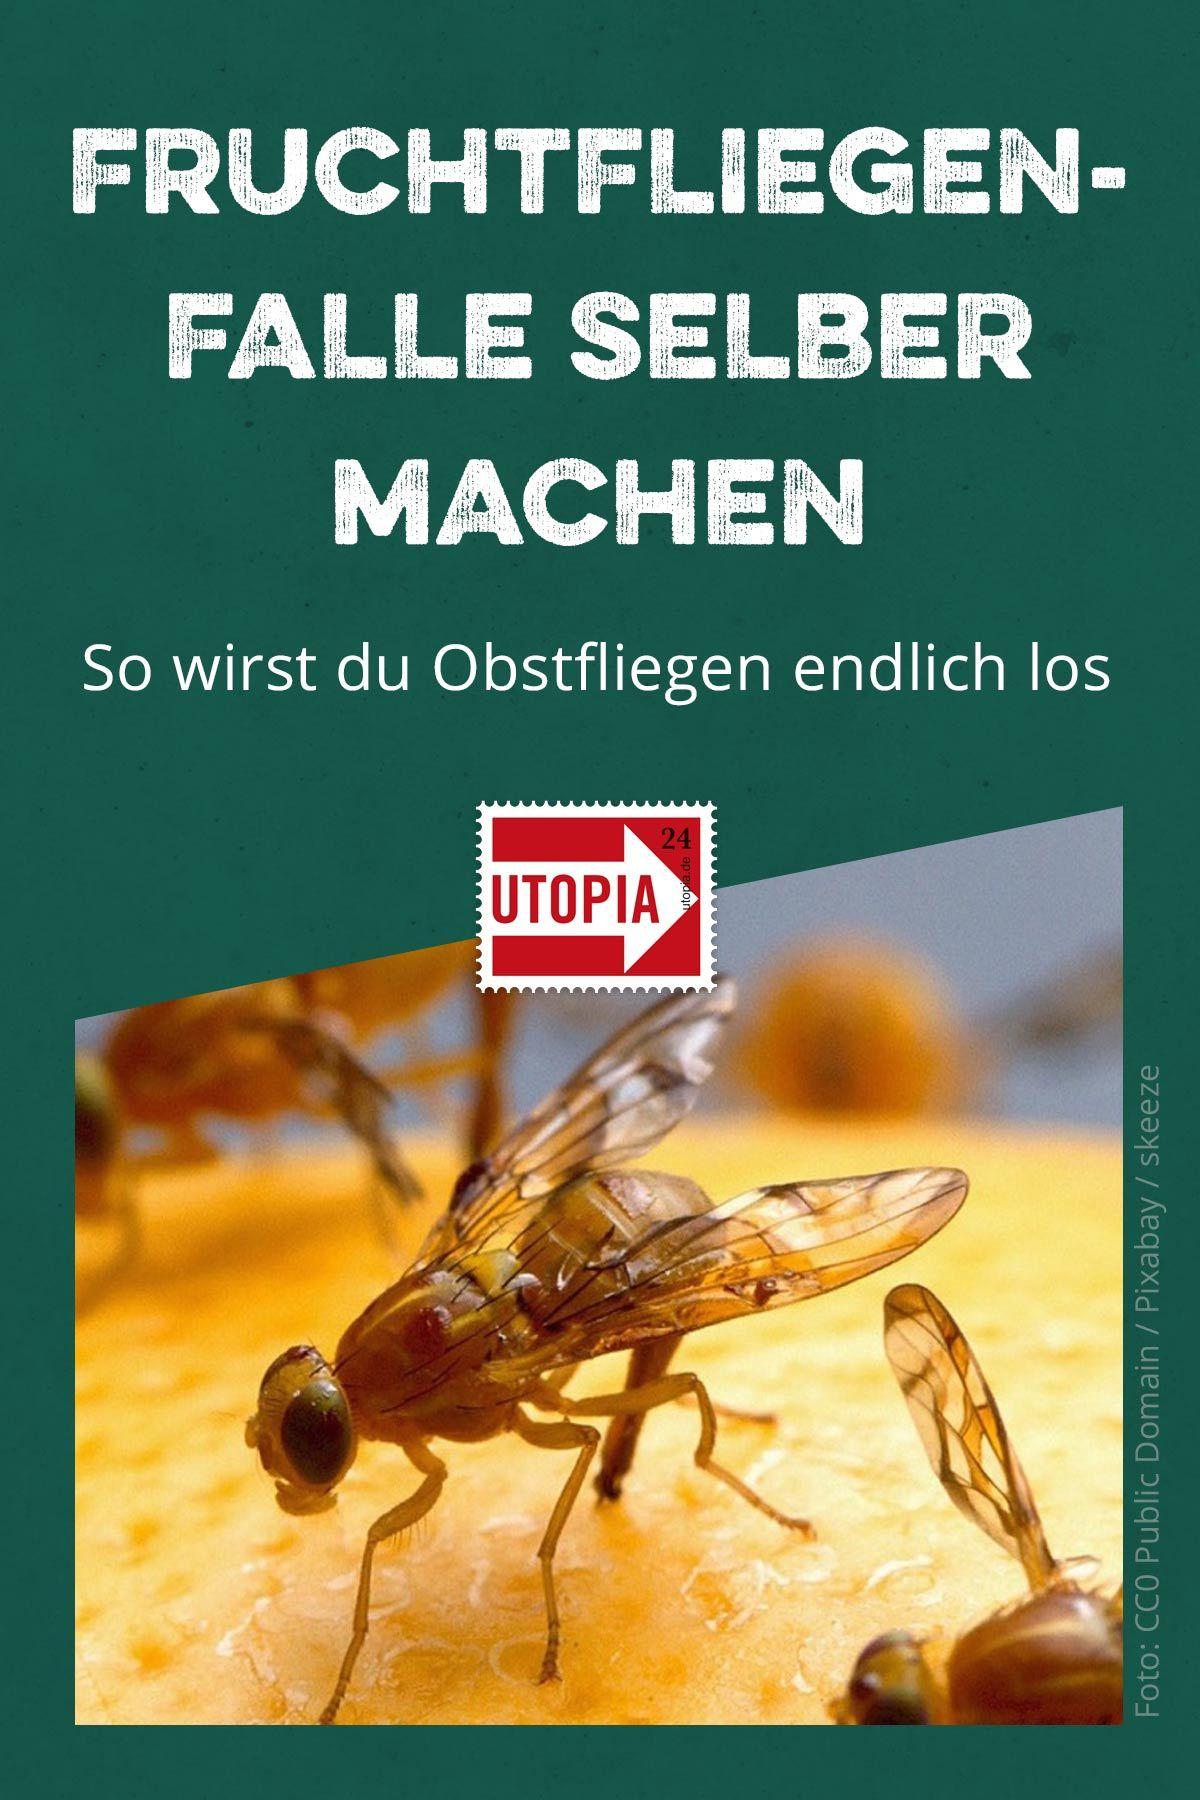 Fruchtfliegenfalle Selber Machen So Kannst Du Obstfliegen Loswerden Obstfliegen Fruchtfliegenfalle Und Fruchtfliegen